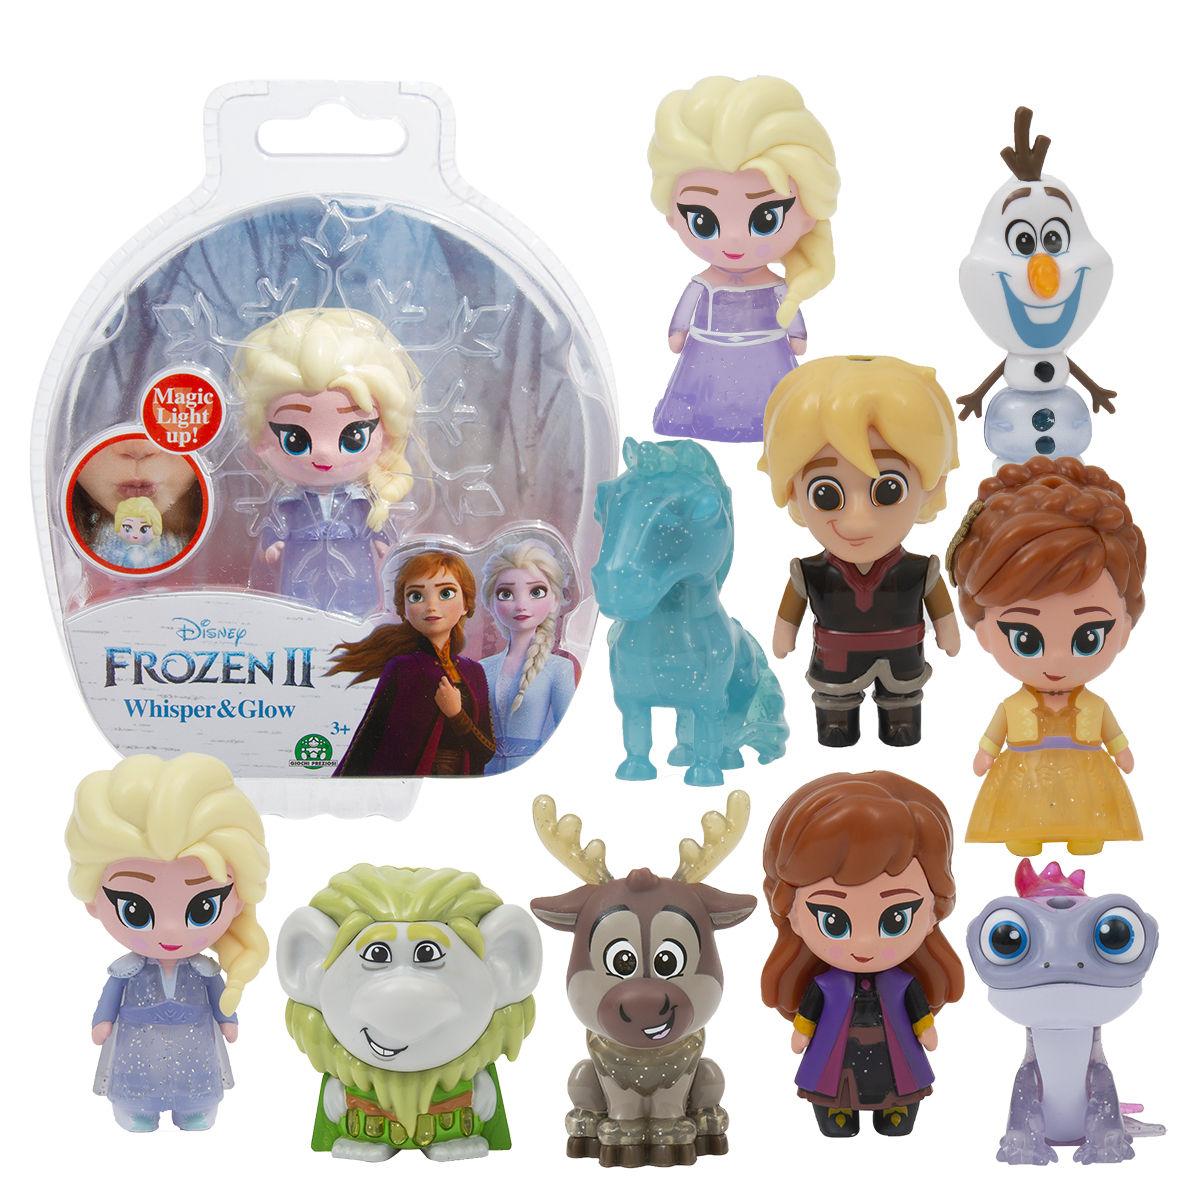 Disney Frozen 2 Whisper&Glow